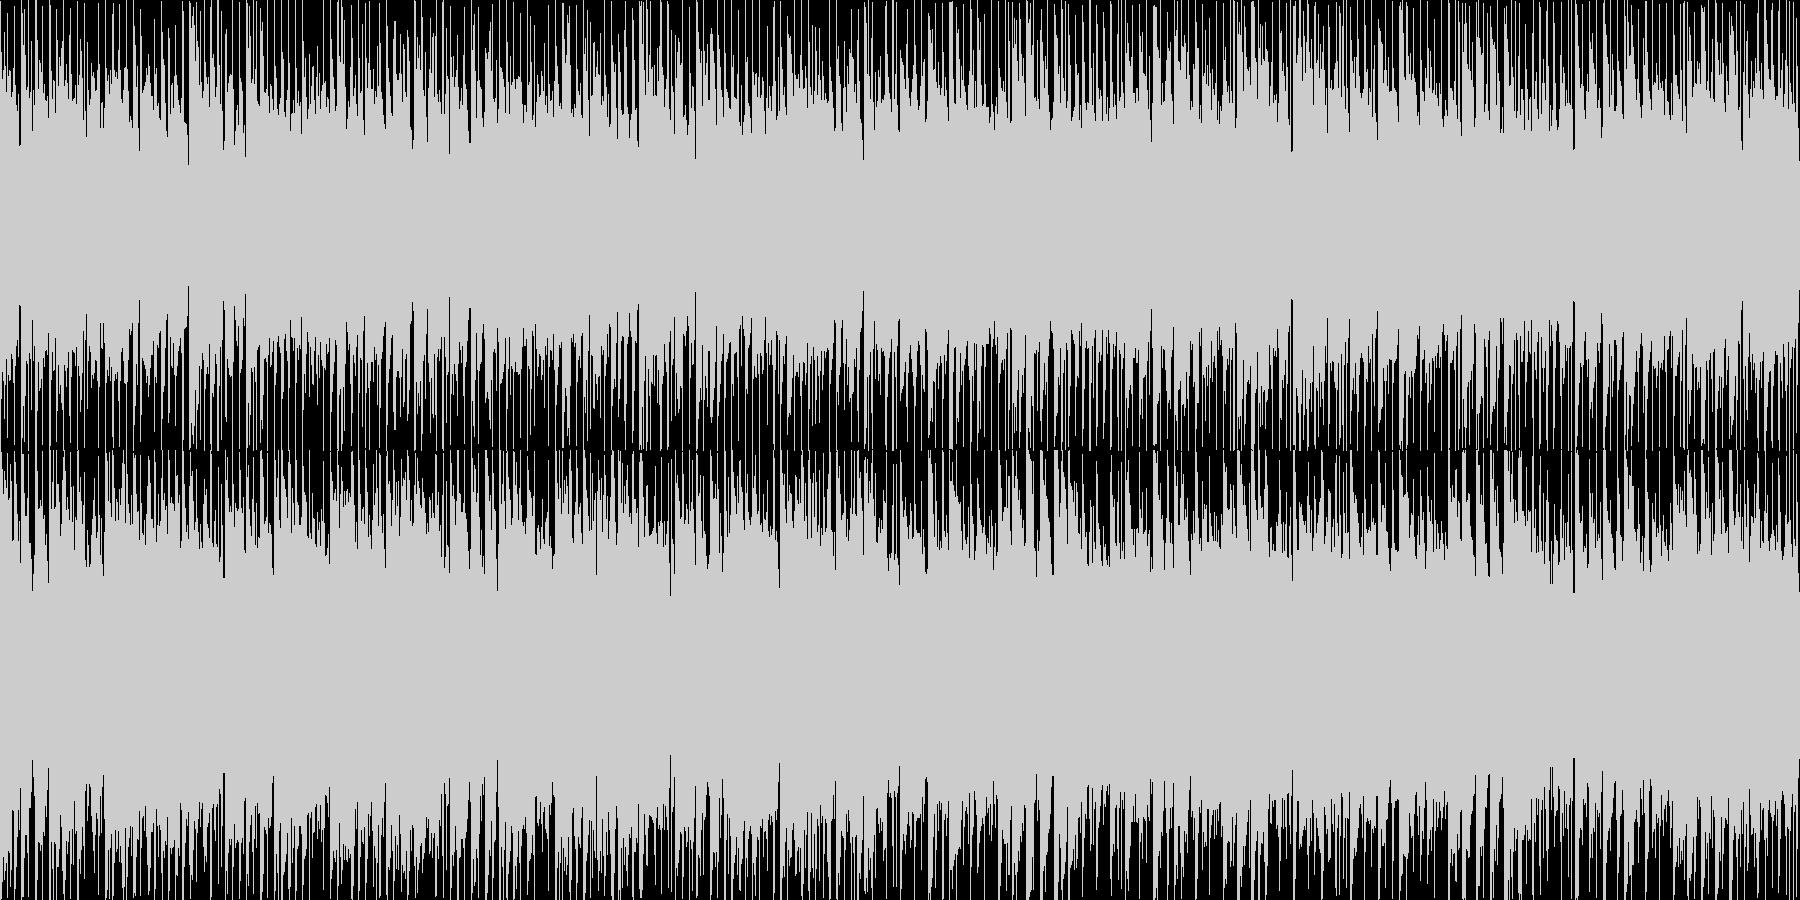 爽やかピアノメロディBGM[ループ仕様]の未再生の波形